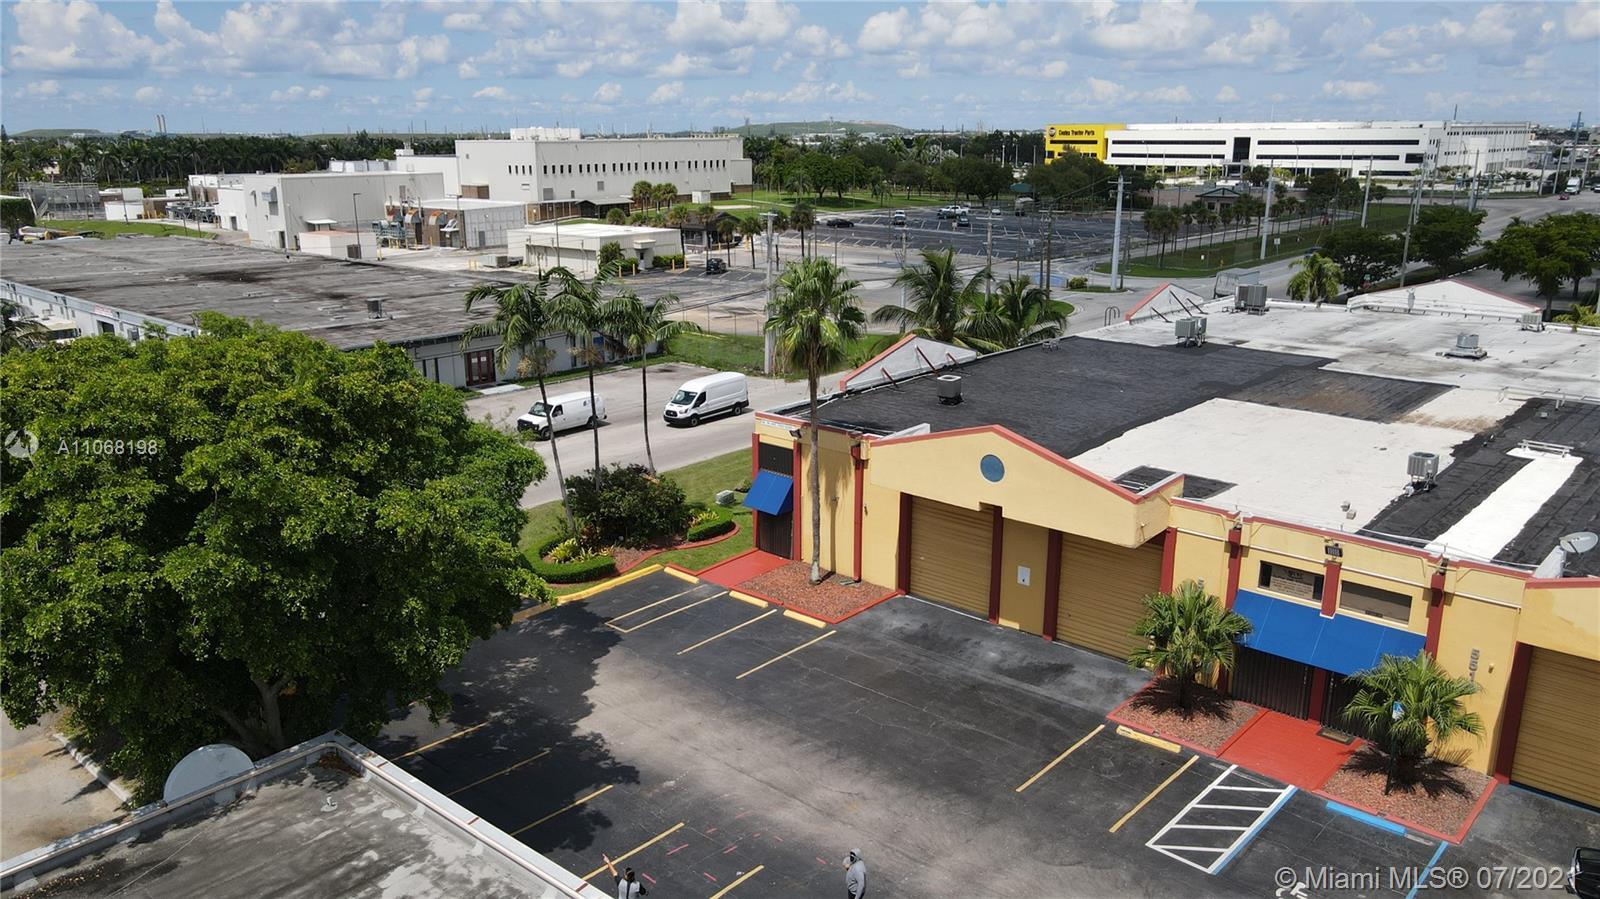 5501 NW 74th Ave 5501, Miami, FL 33166